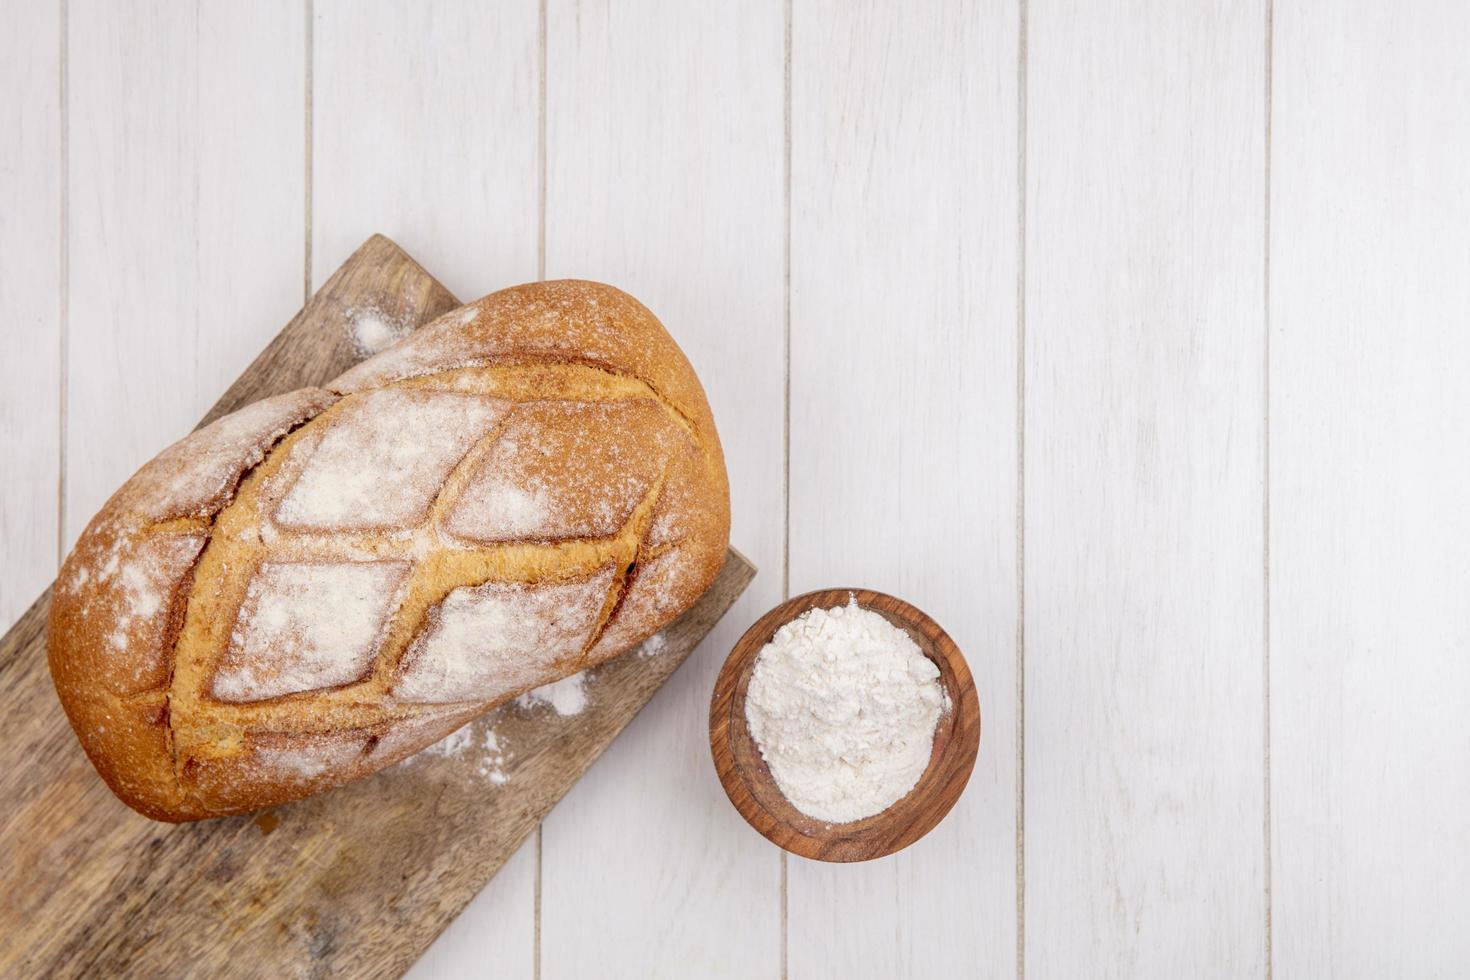 hogaza de pan fresco en la tabla de cortar foto